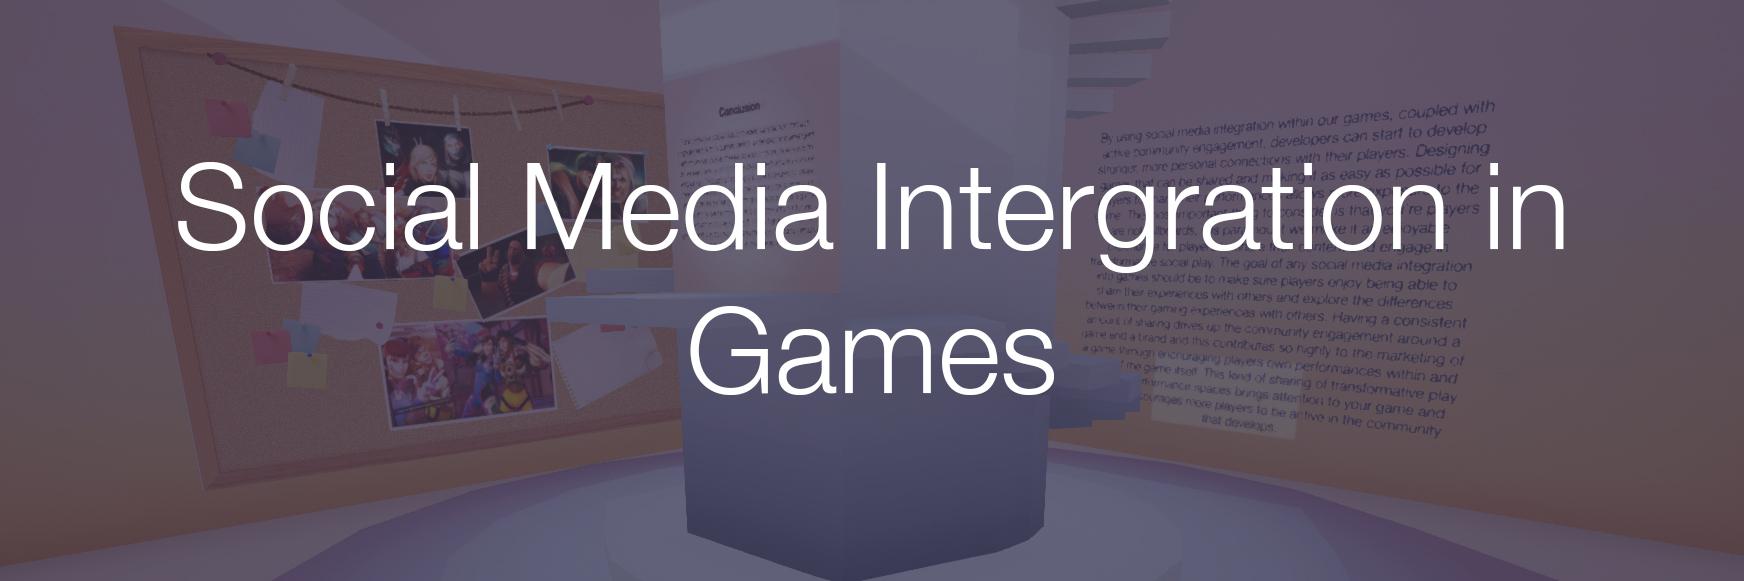 -Tech Demo- Social Media Integration in Games